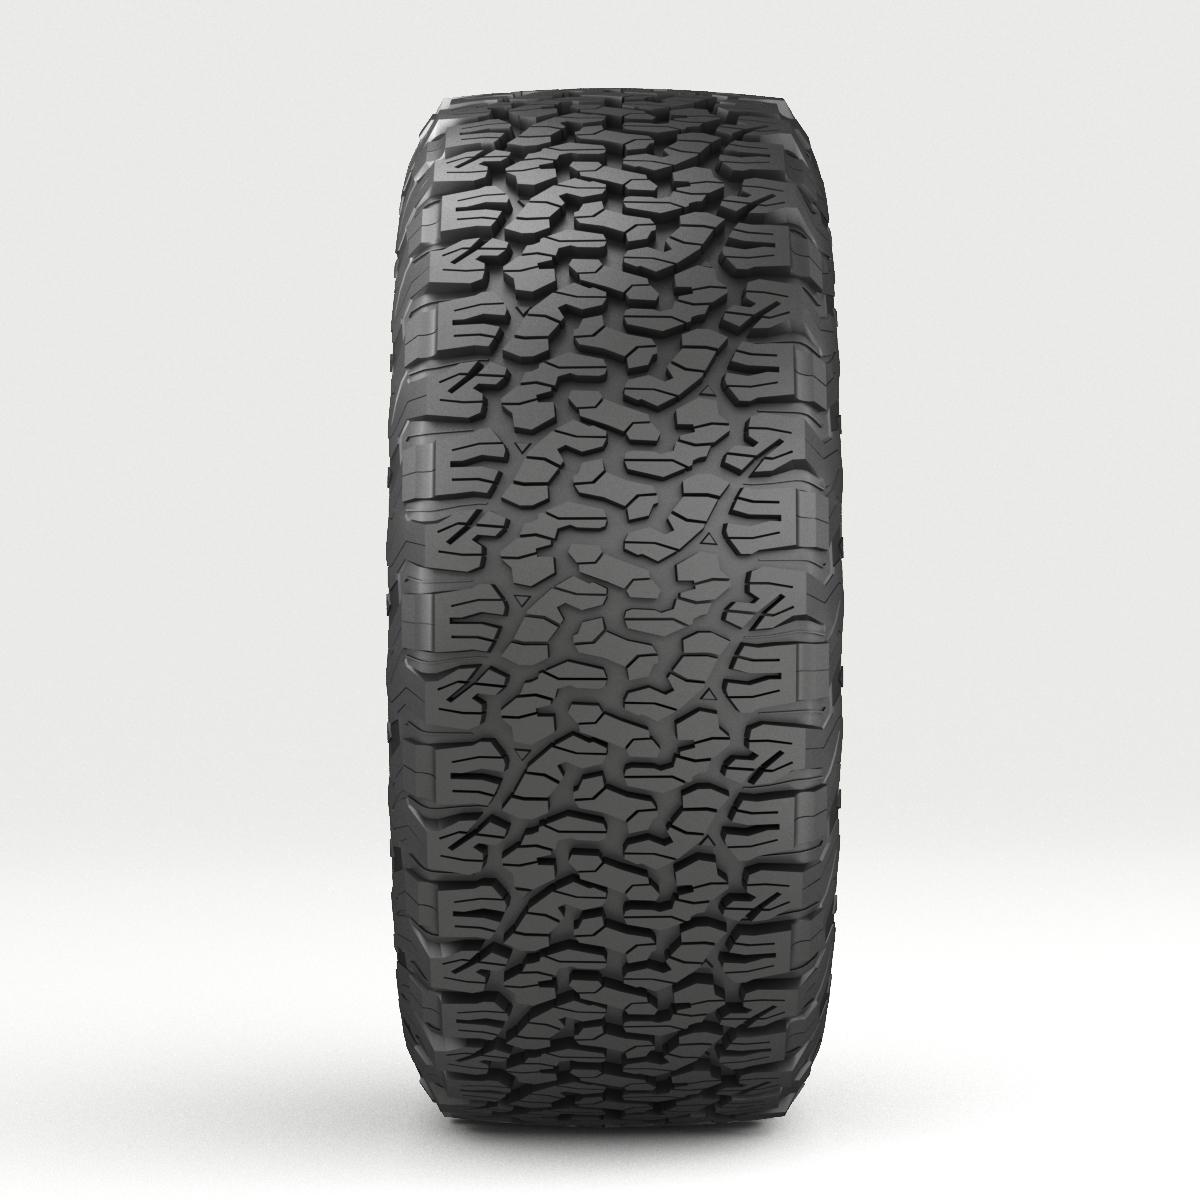 off road wheel and tire 5 3d model 3ds max fbx tga targa icb vda vst pix obj 224472